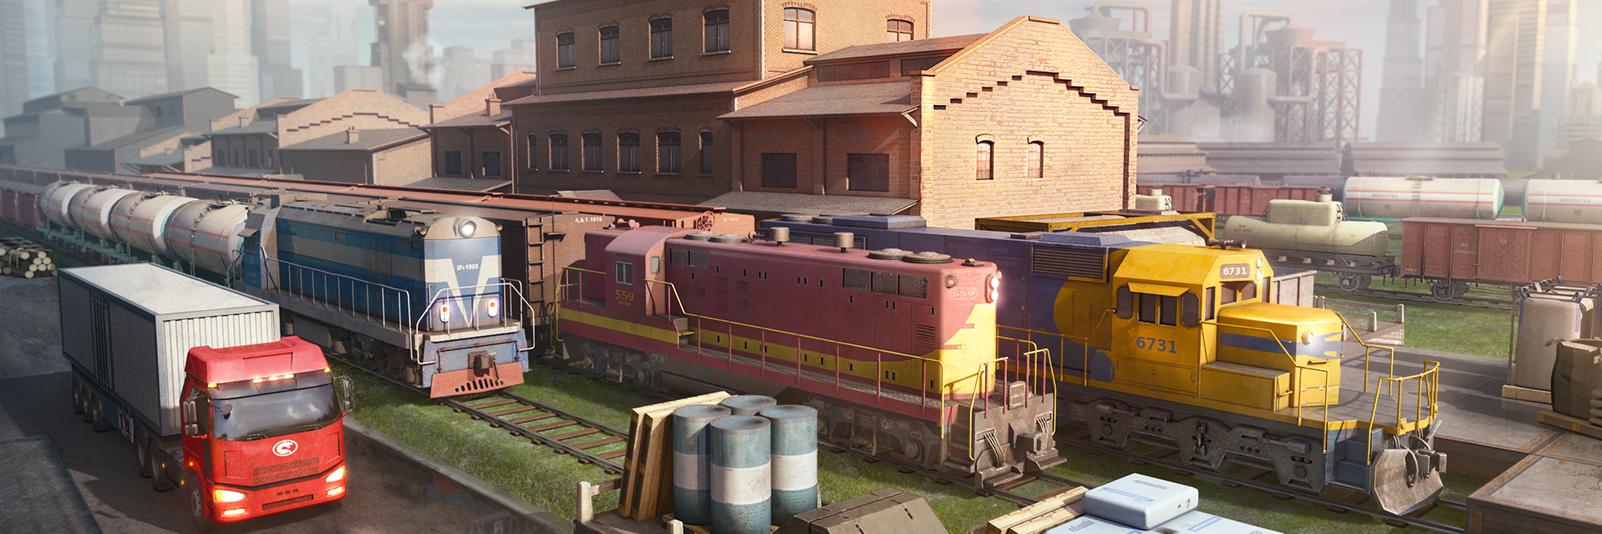 运输模拟游戏《狂热运输2》正式公布 游戏官方网站上线